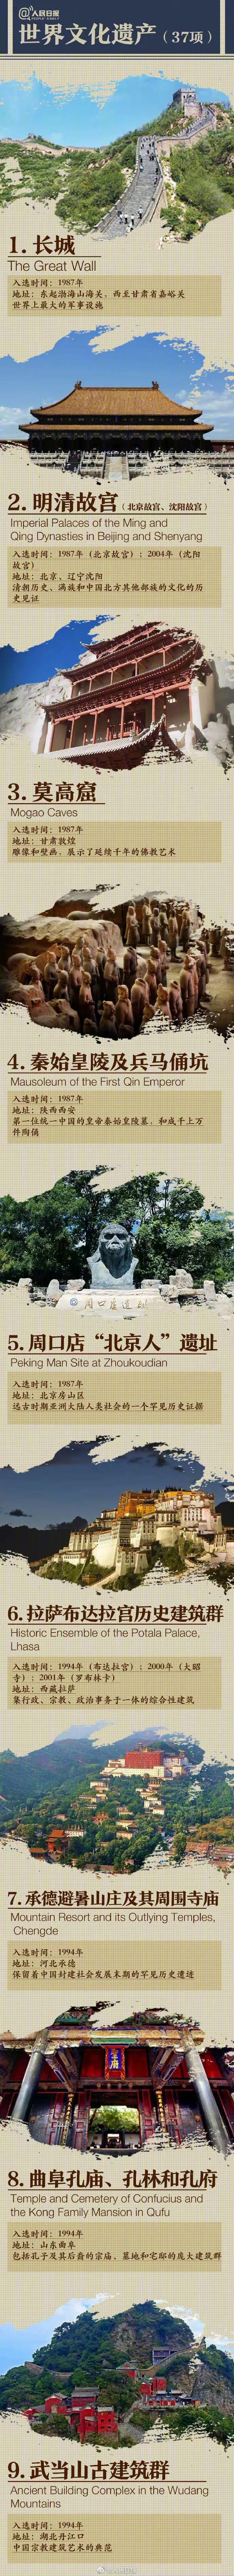 中国55项世界遗产尽在这里!